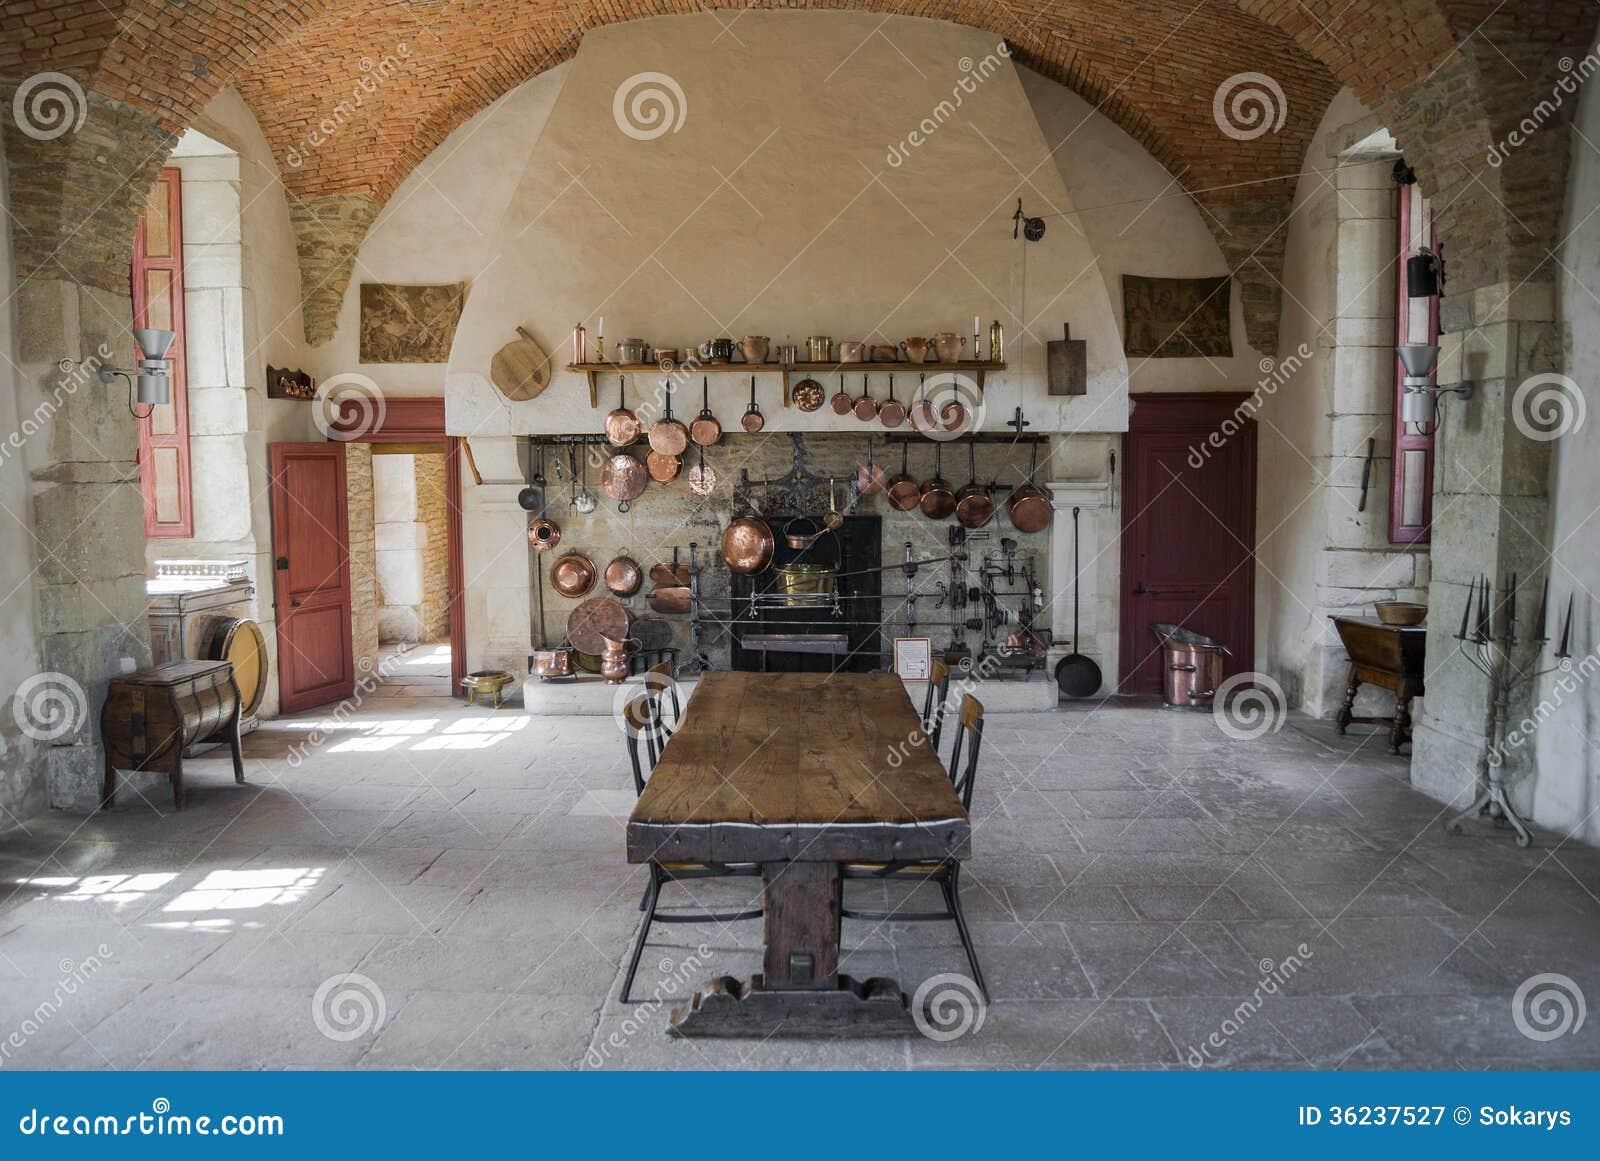 404 not found - Cocinas castillo ...